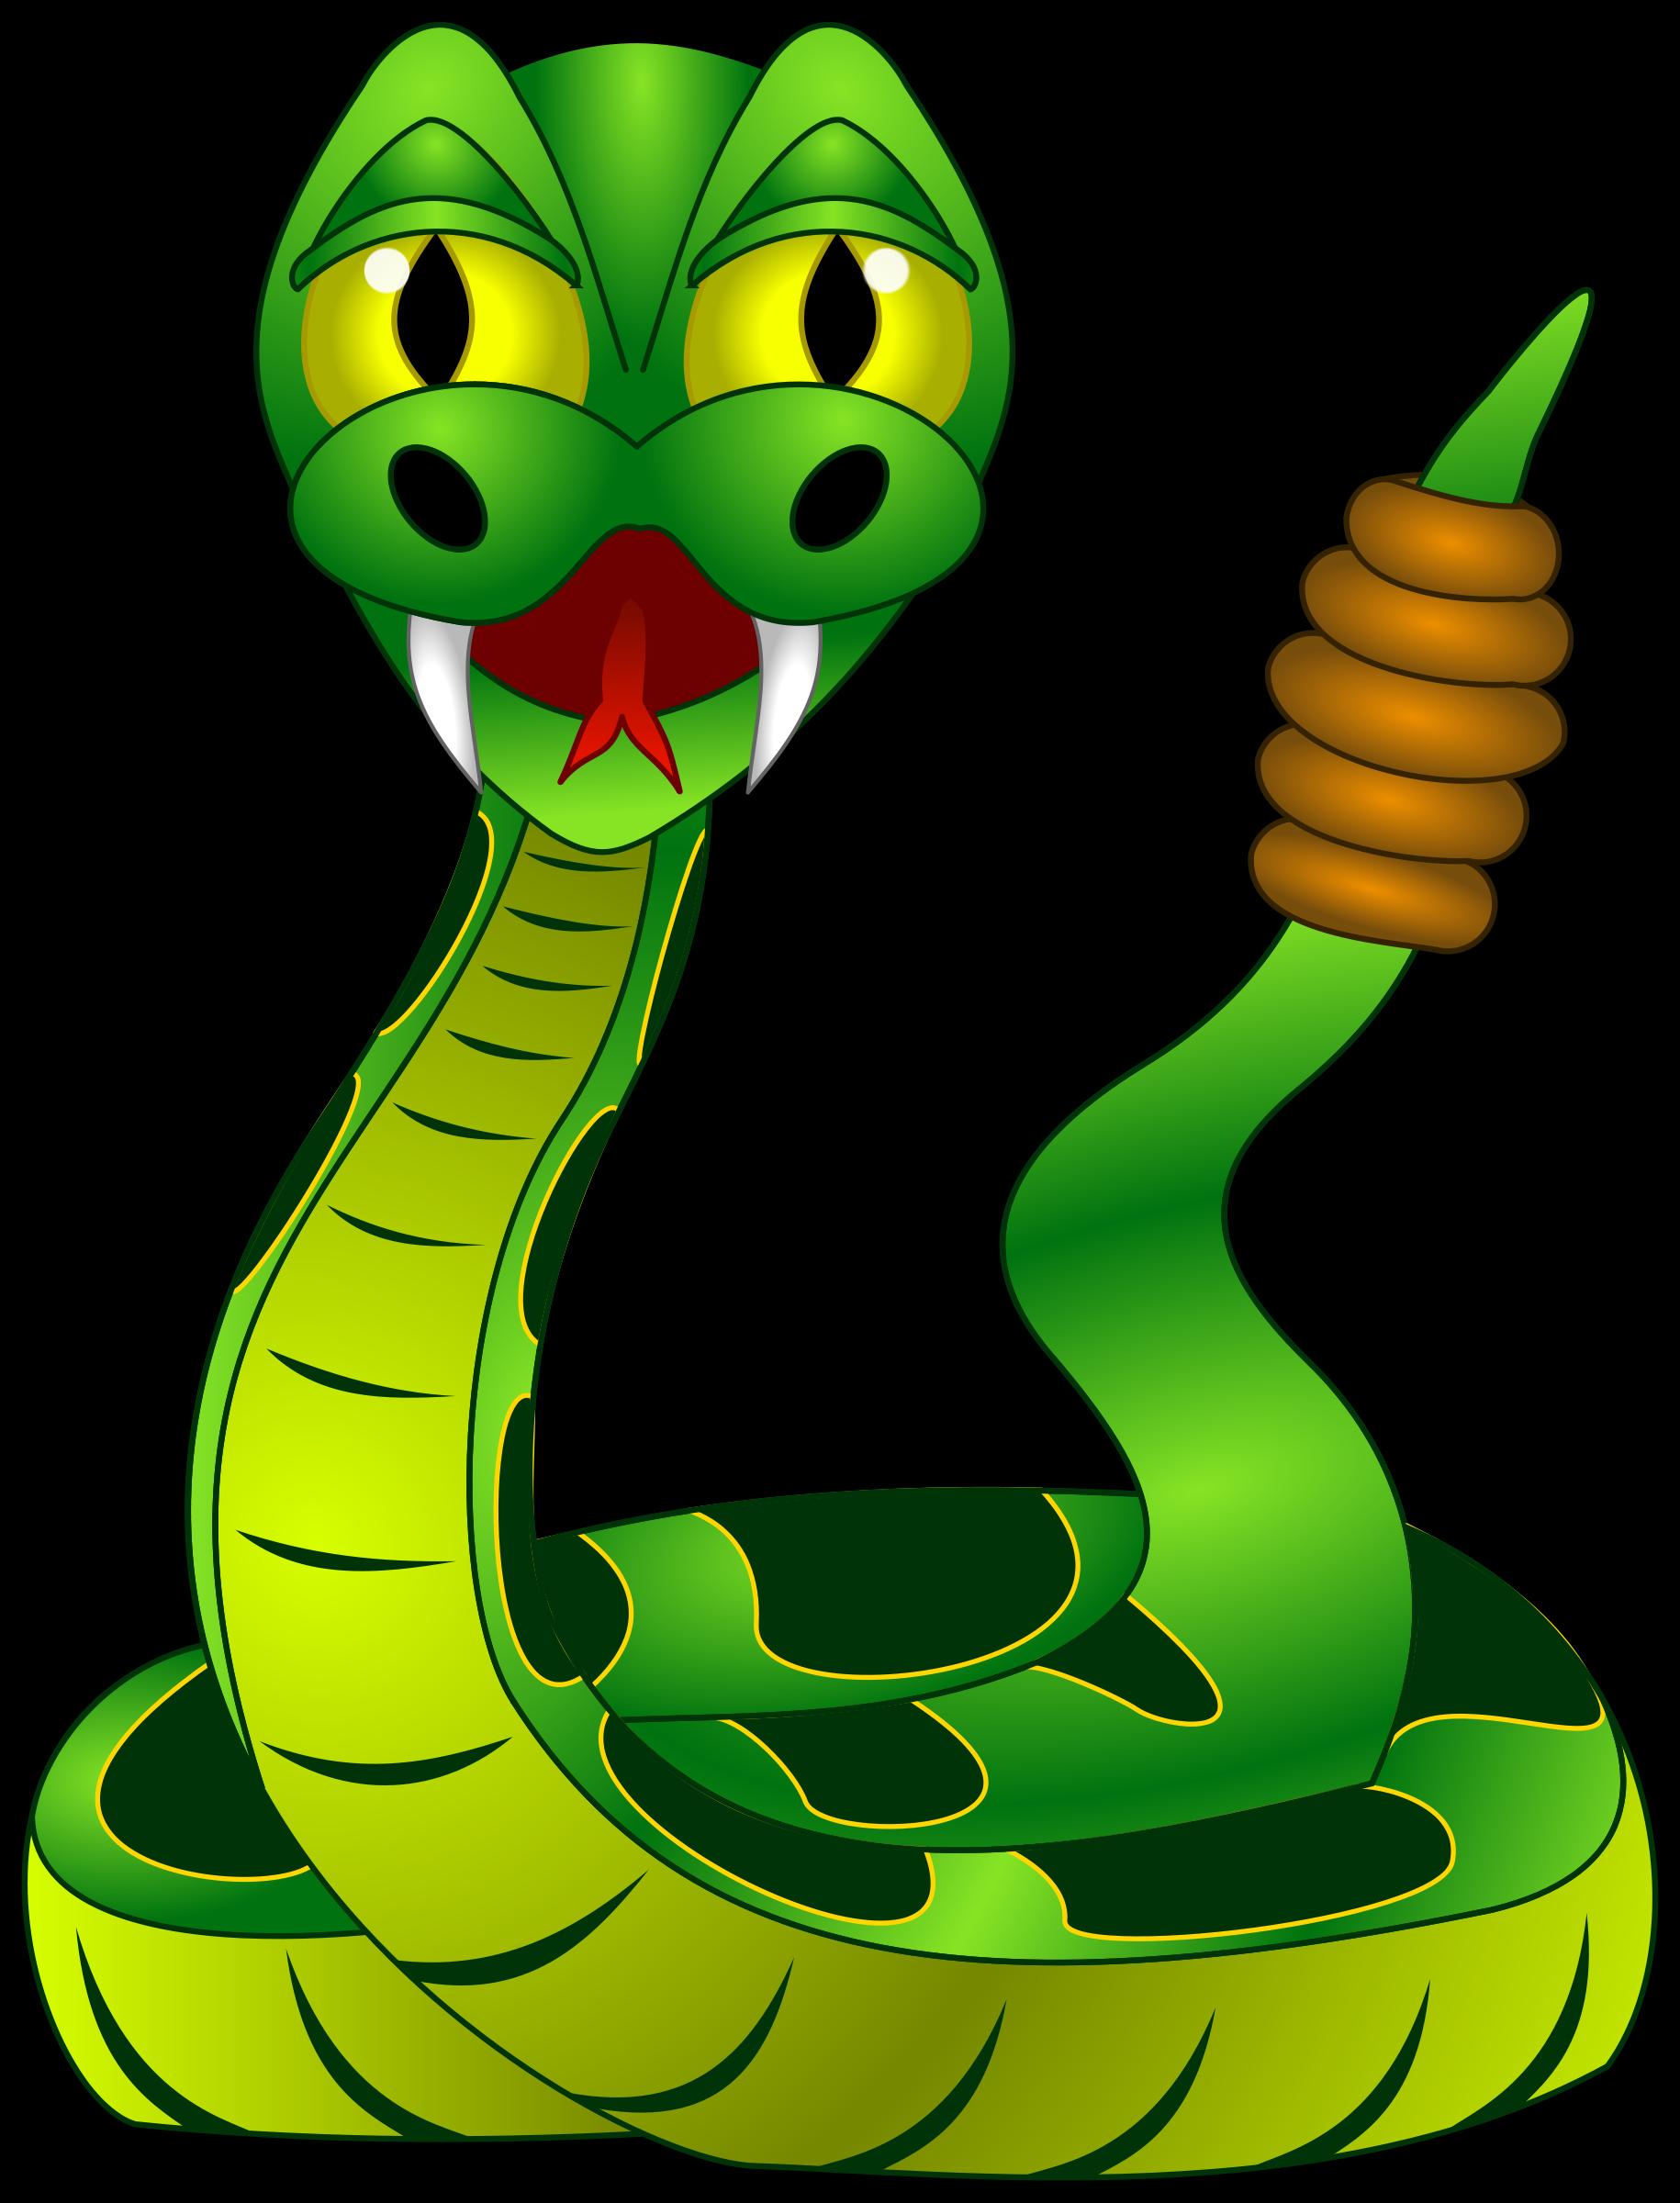 Rattlesnake clipart Clipart Free rattle%20snake%20clip%20art Clipart Rattlesnake